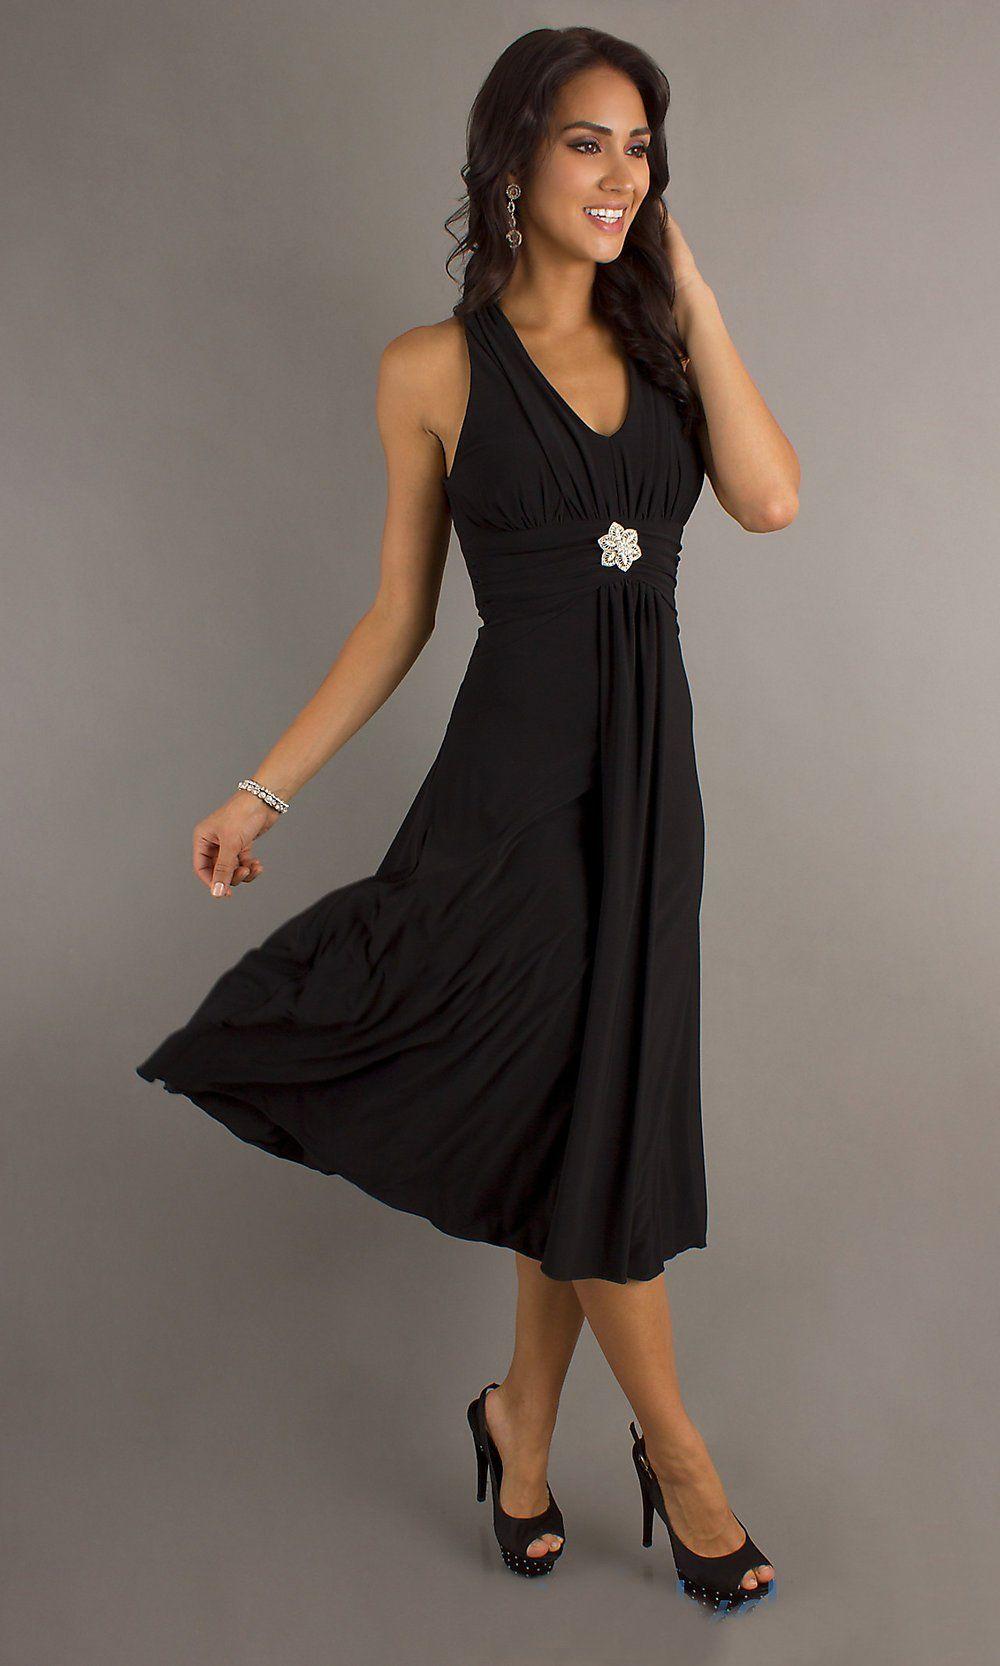 Black Semi Formal Dress Halter Tea Length V Neck Empire Waist $84.99 ...